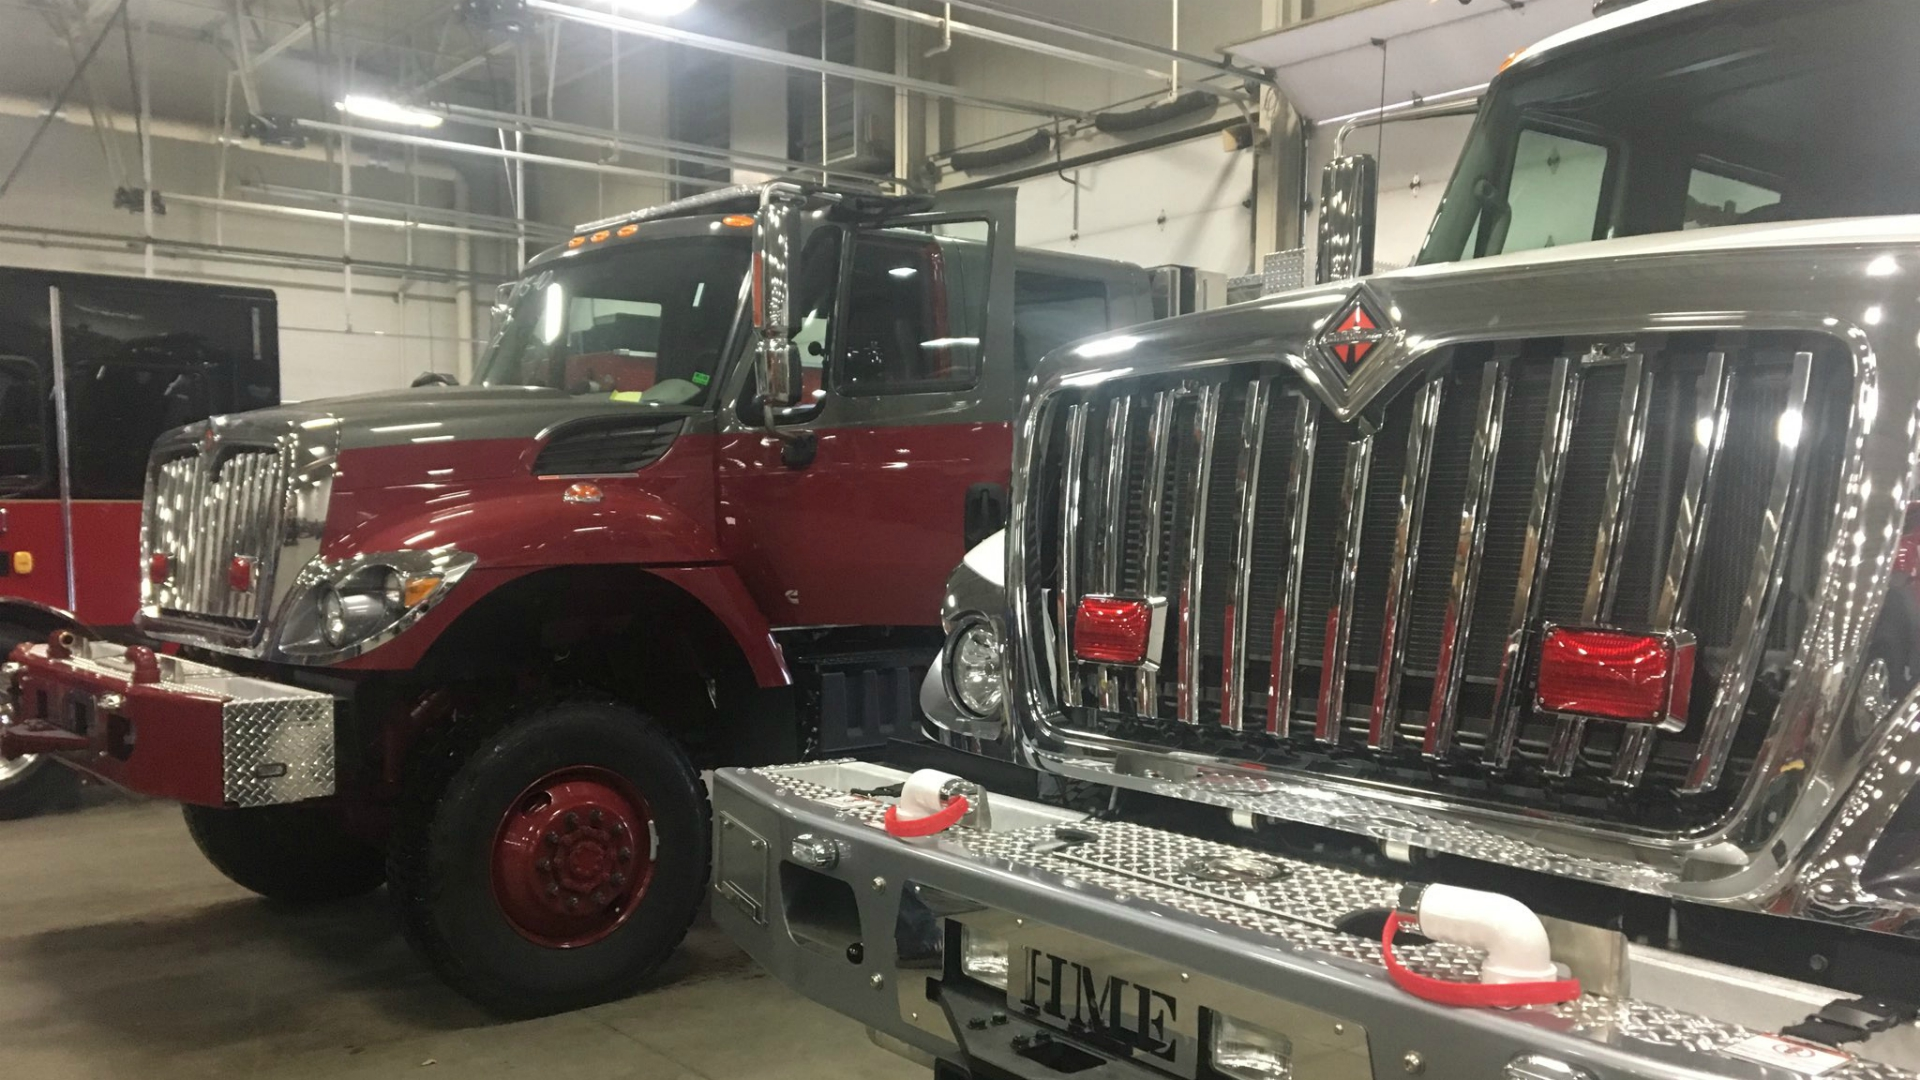 hme ahrens-fox firetrucks 111518_1542315568025.jpg.jpg